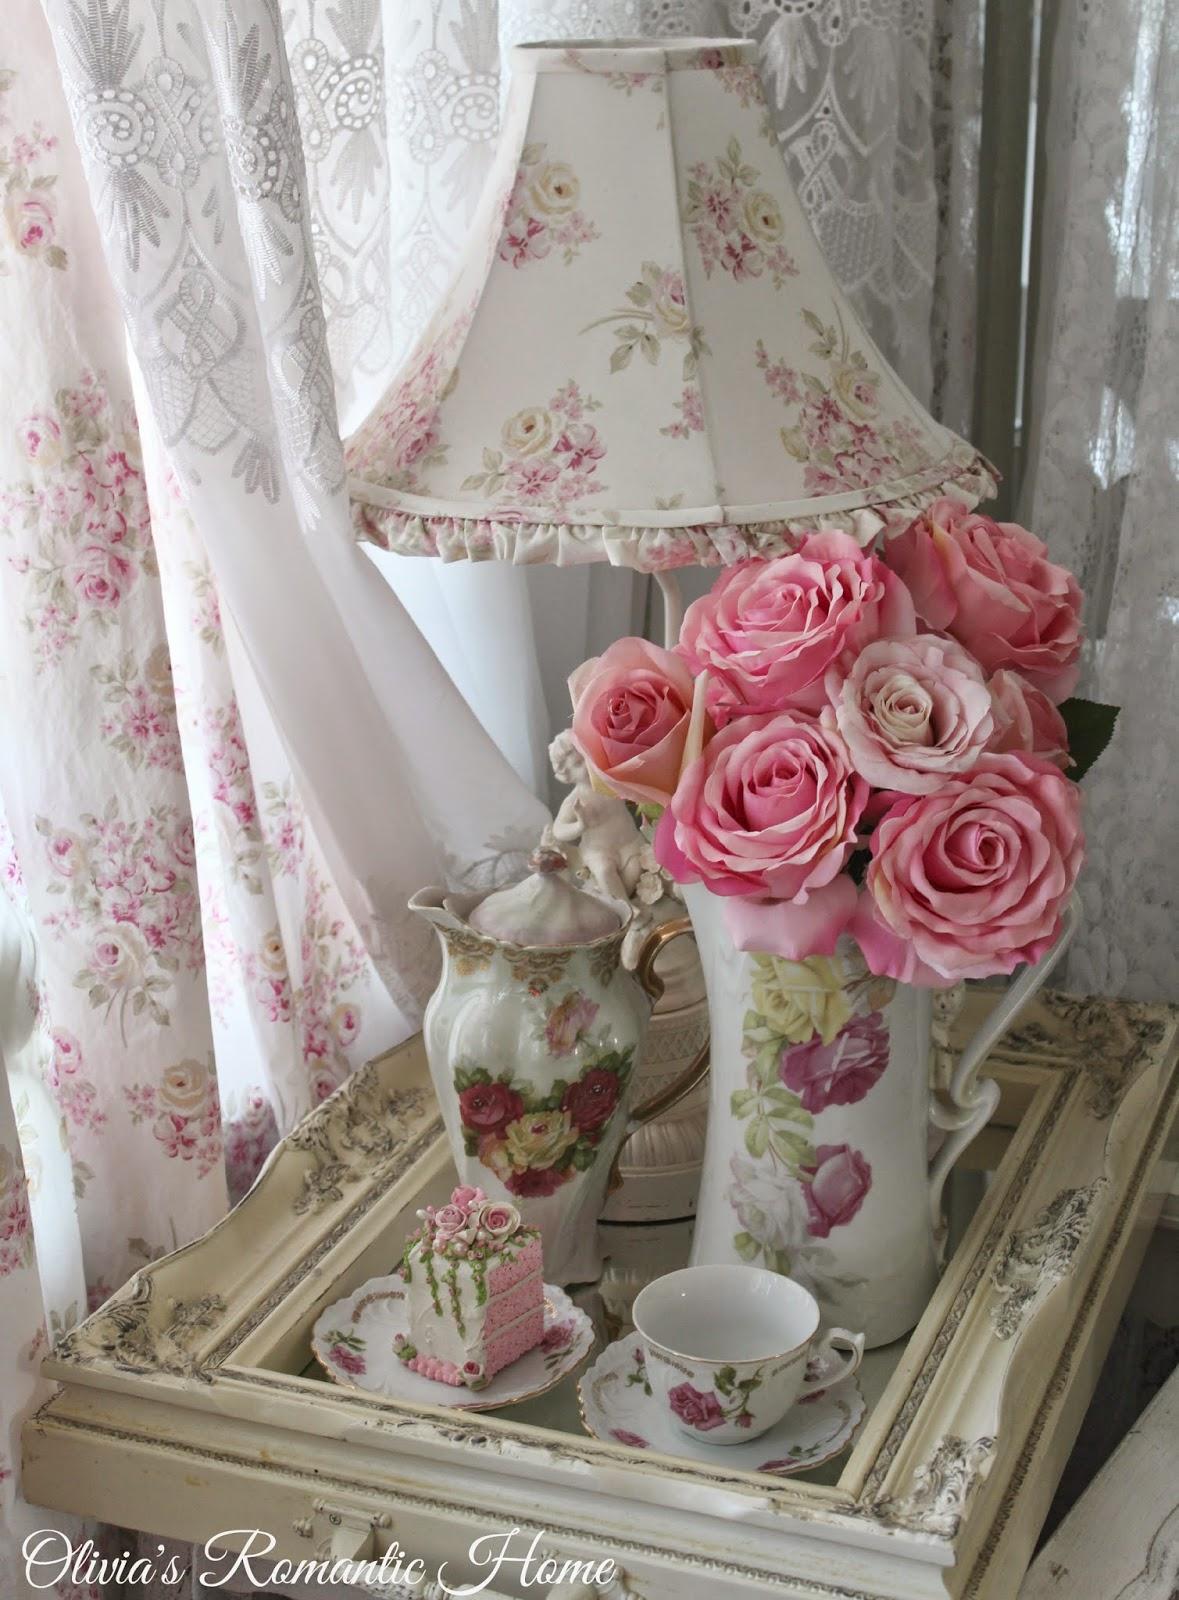 olivia 39 s romantic home pink rose tea time. Black Bedroom Furniture Sets. Home Design Ideas